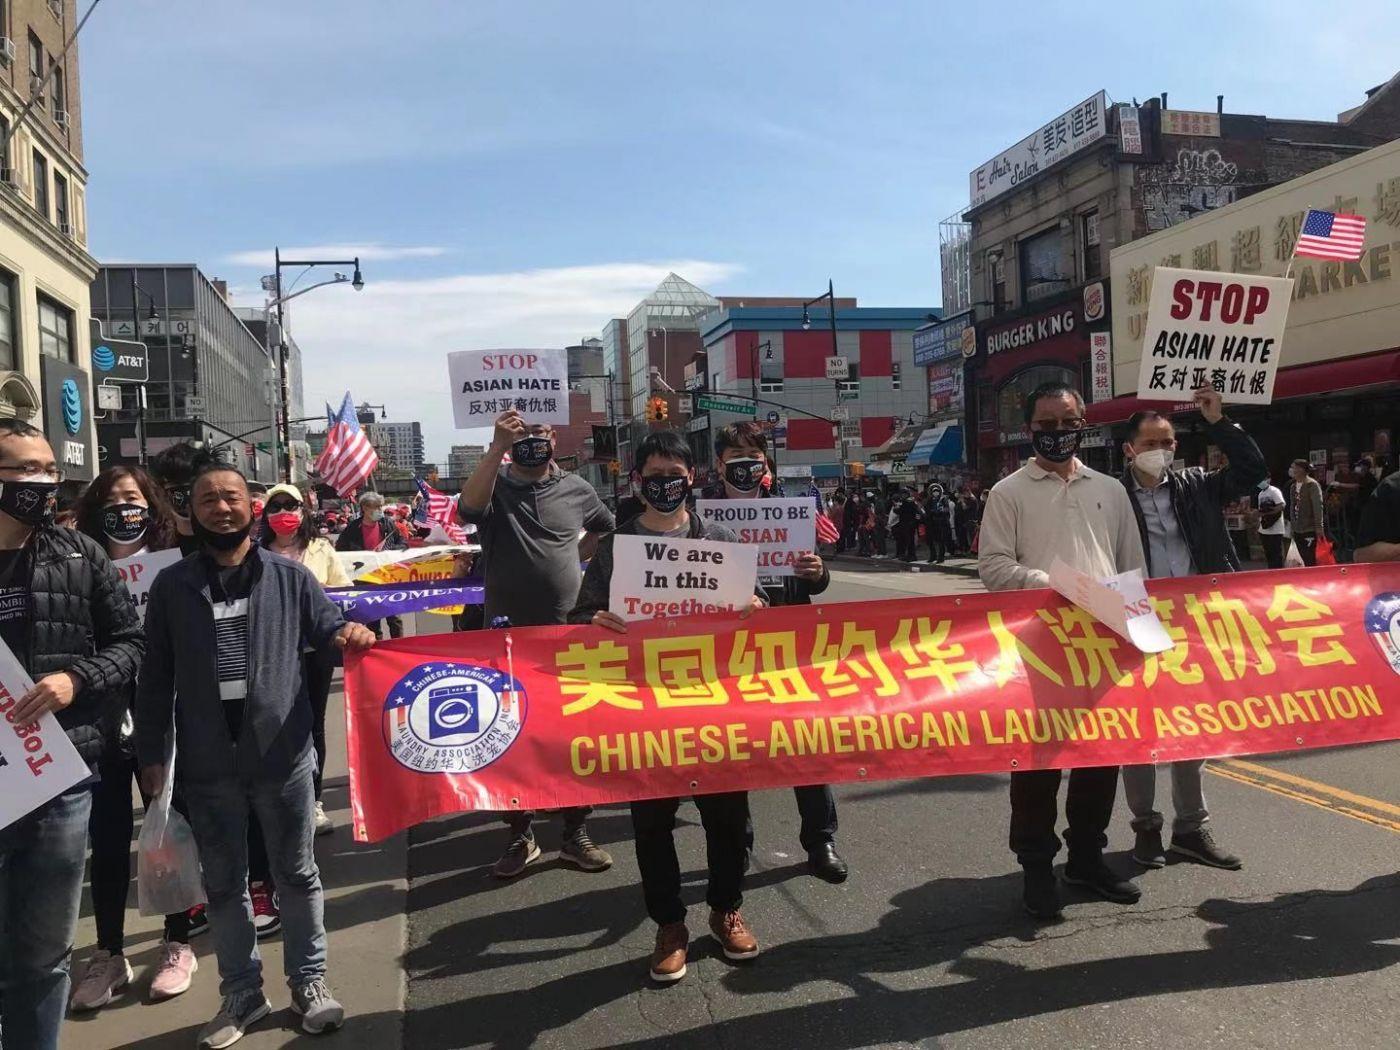 高娓娓:纽约法拉盛反对仇恨亚裔大游行现场实况_图1-37